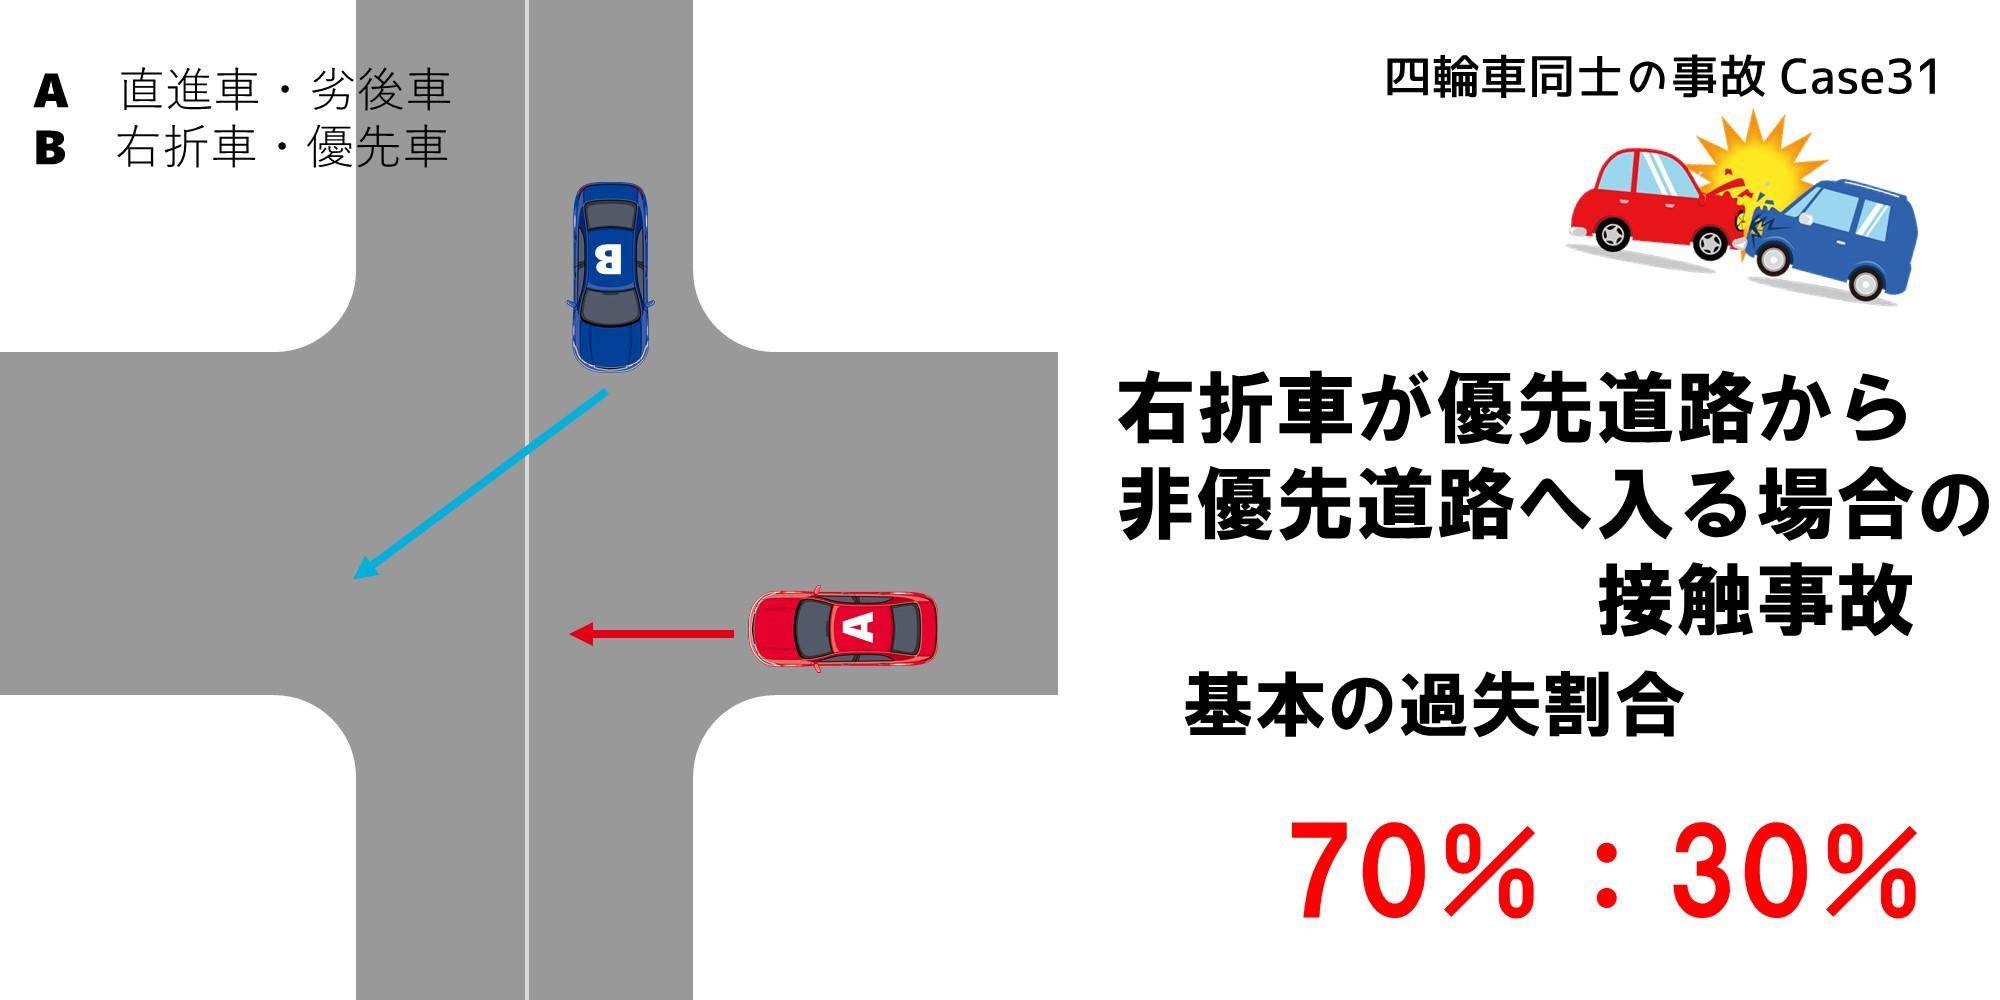 右折車が優先道路から非優先道路へ入る場合の接触事故における過失割合